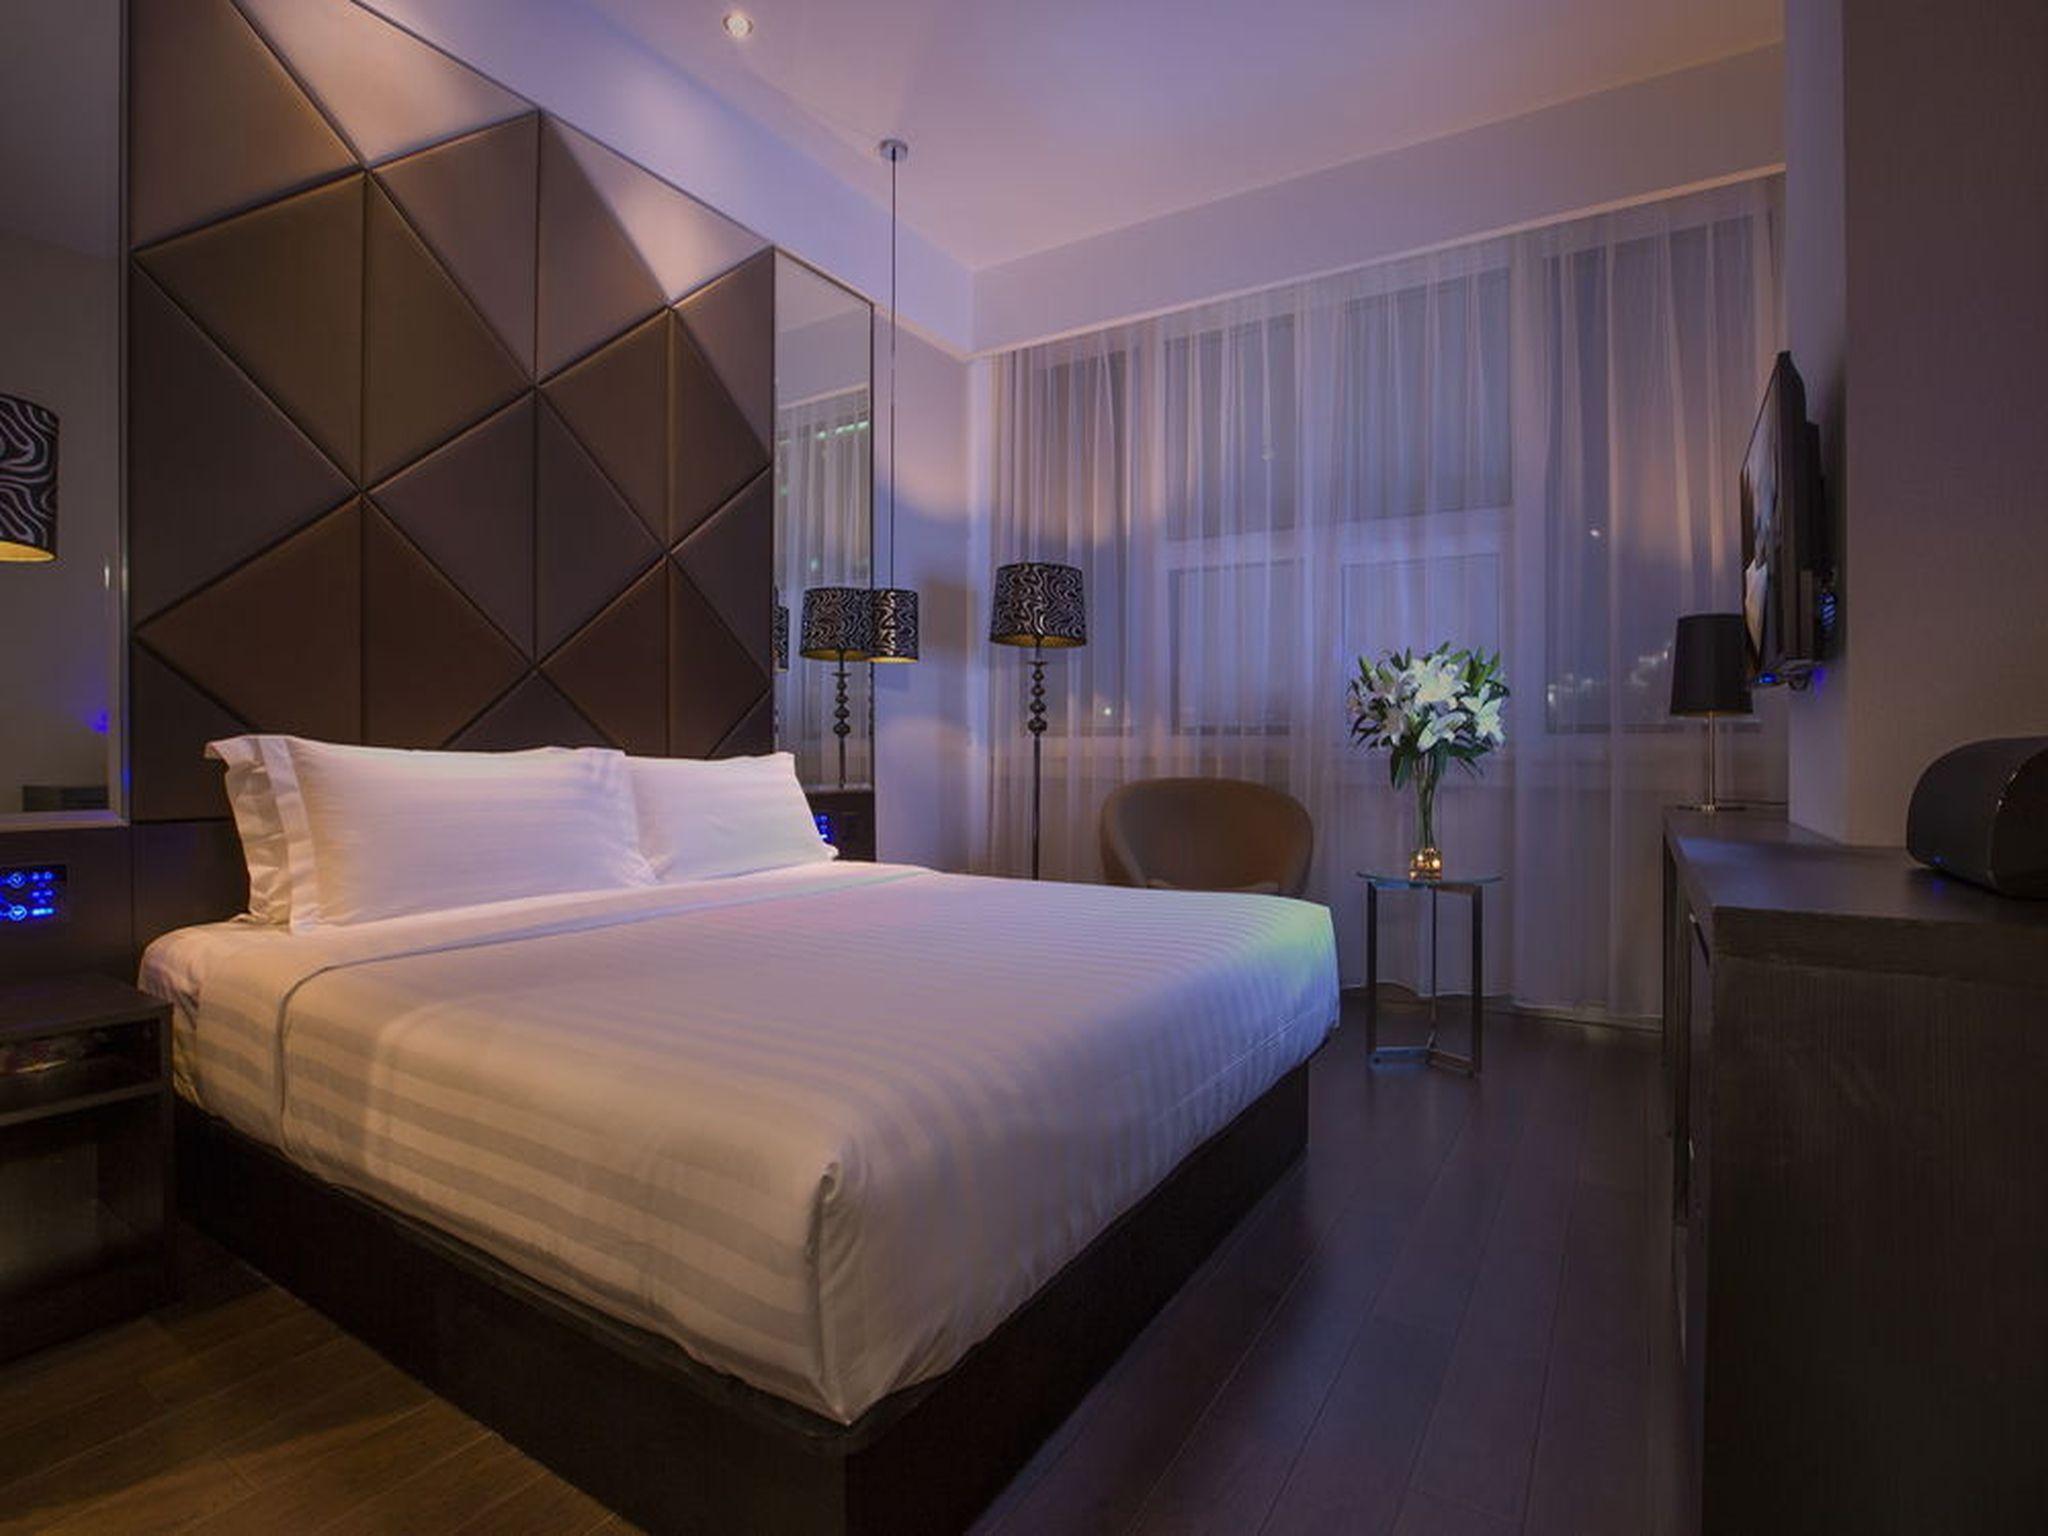 深圳桔子精選酒店深圳東門店 (Orange Hotel Select Shenzhen Luohu)線上訂房 Agoda.com